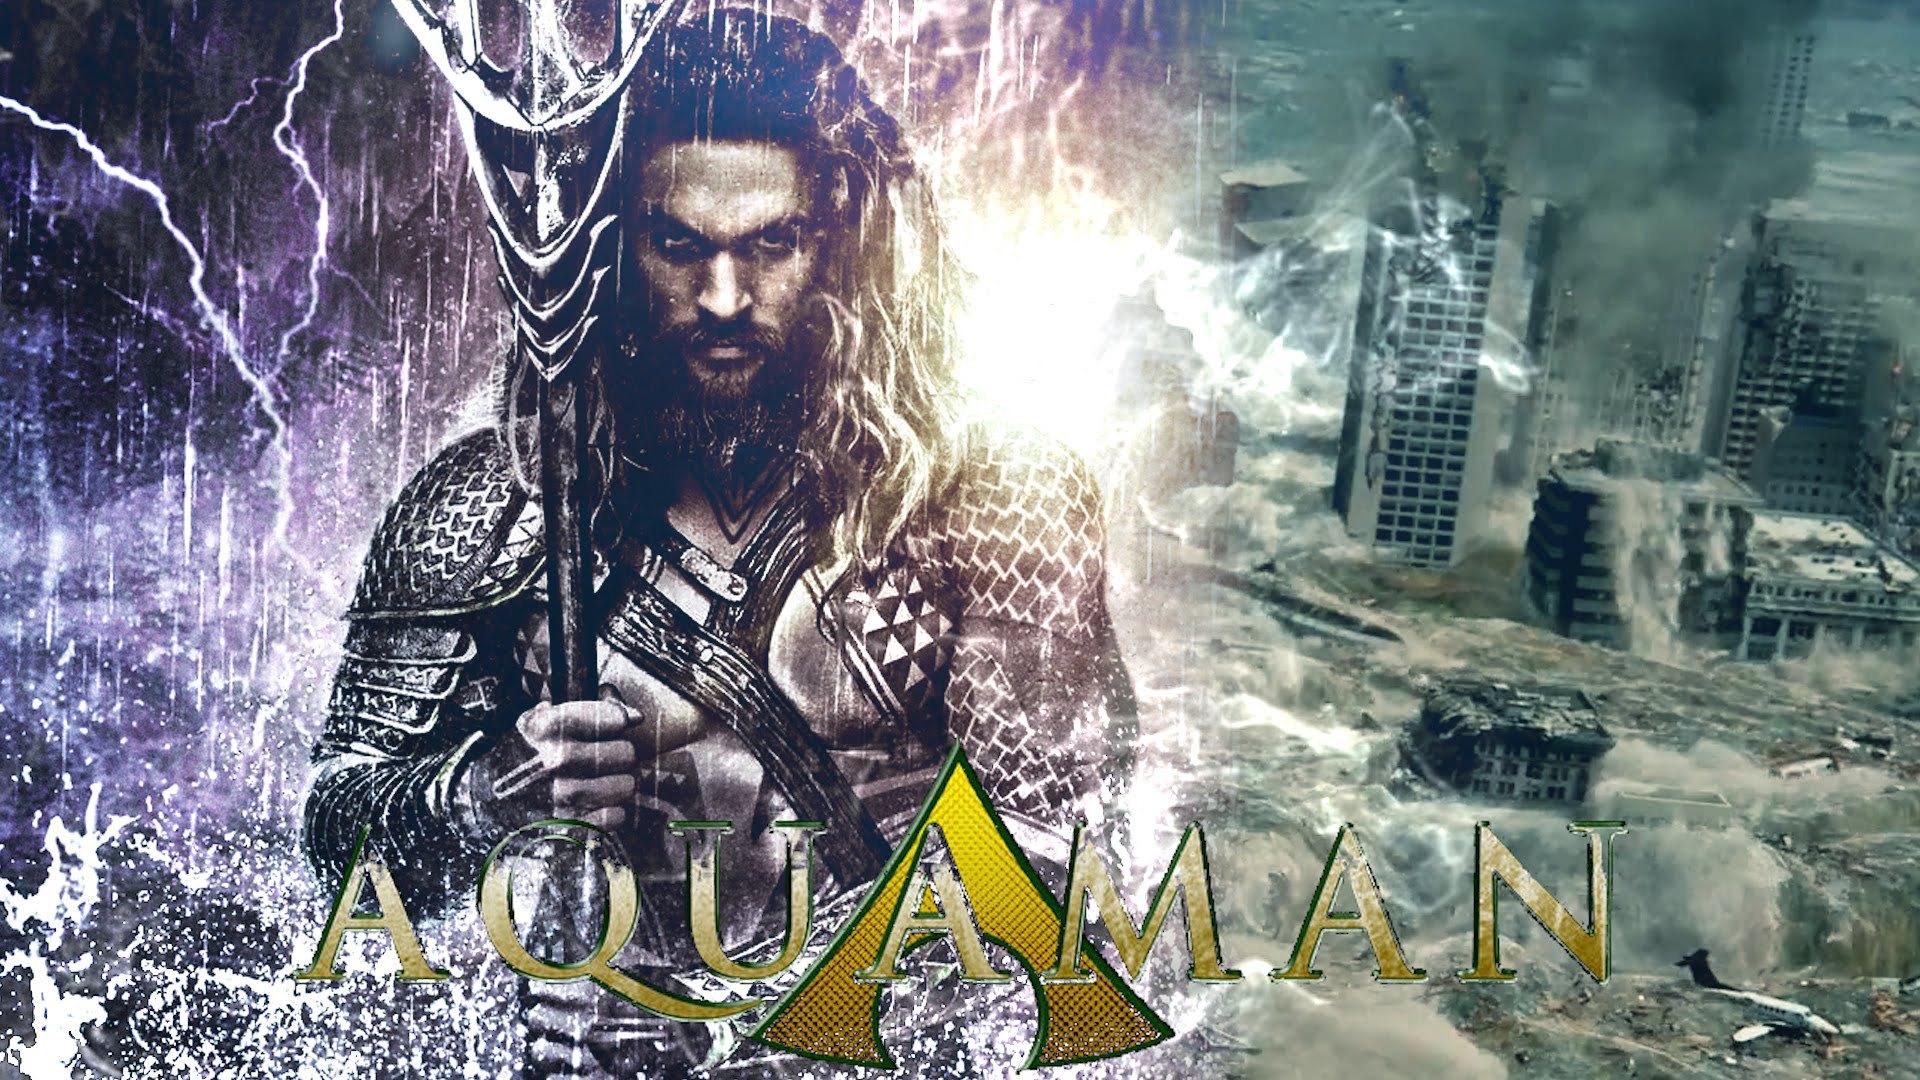 « Aquaman » : le tournage vient de commencer et des premières photos du film ont déjà été dévoilées ! Par Marine B. Aquaman-2018-wallpaper